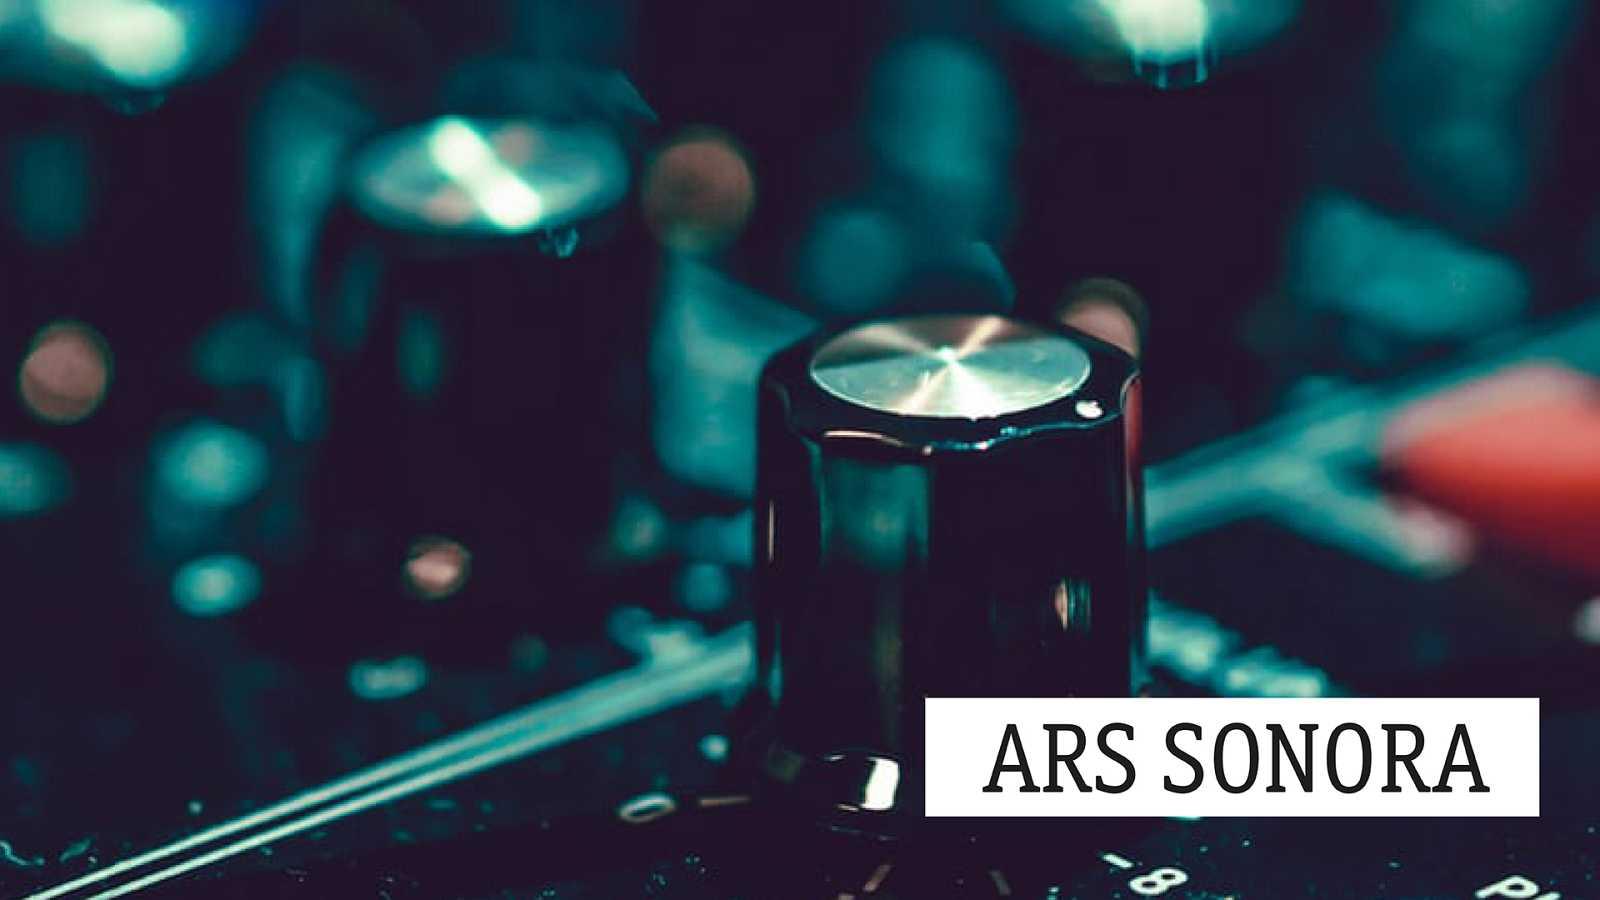 Ars sonora - A la escucha del virus, VI (confines del espacio y de la imaginación) - 30/05/20 - escuchar ahora